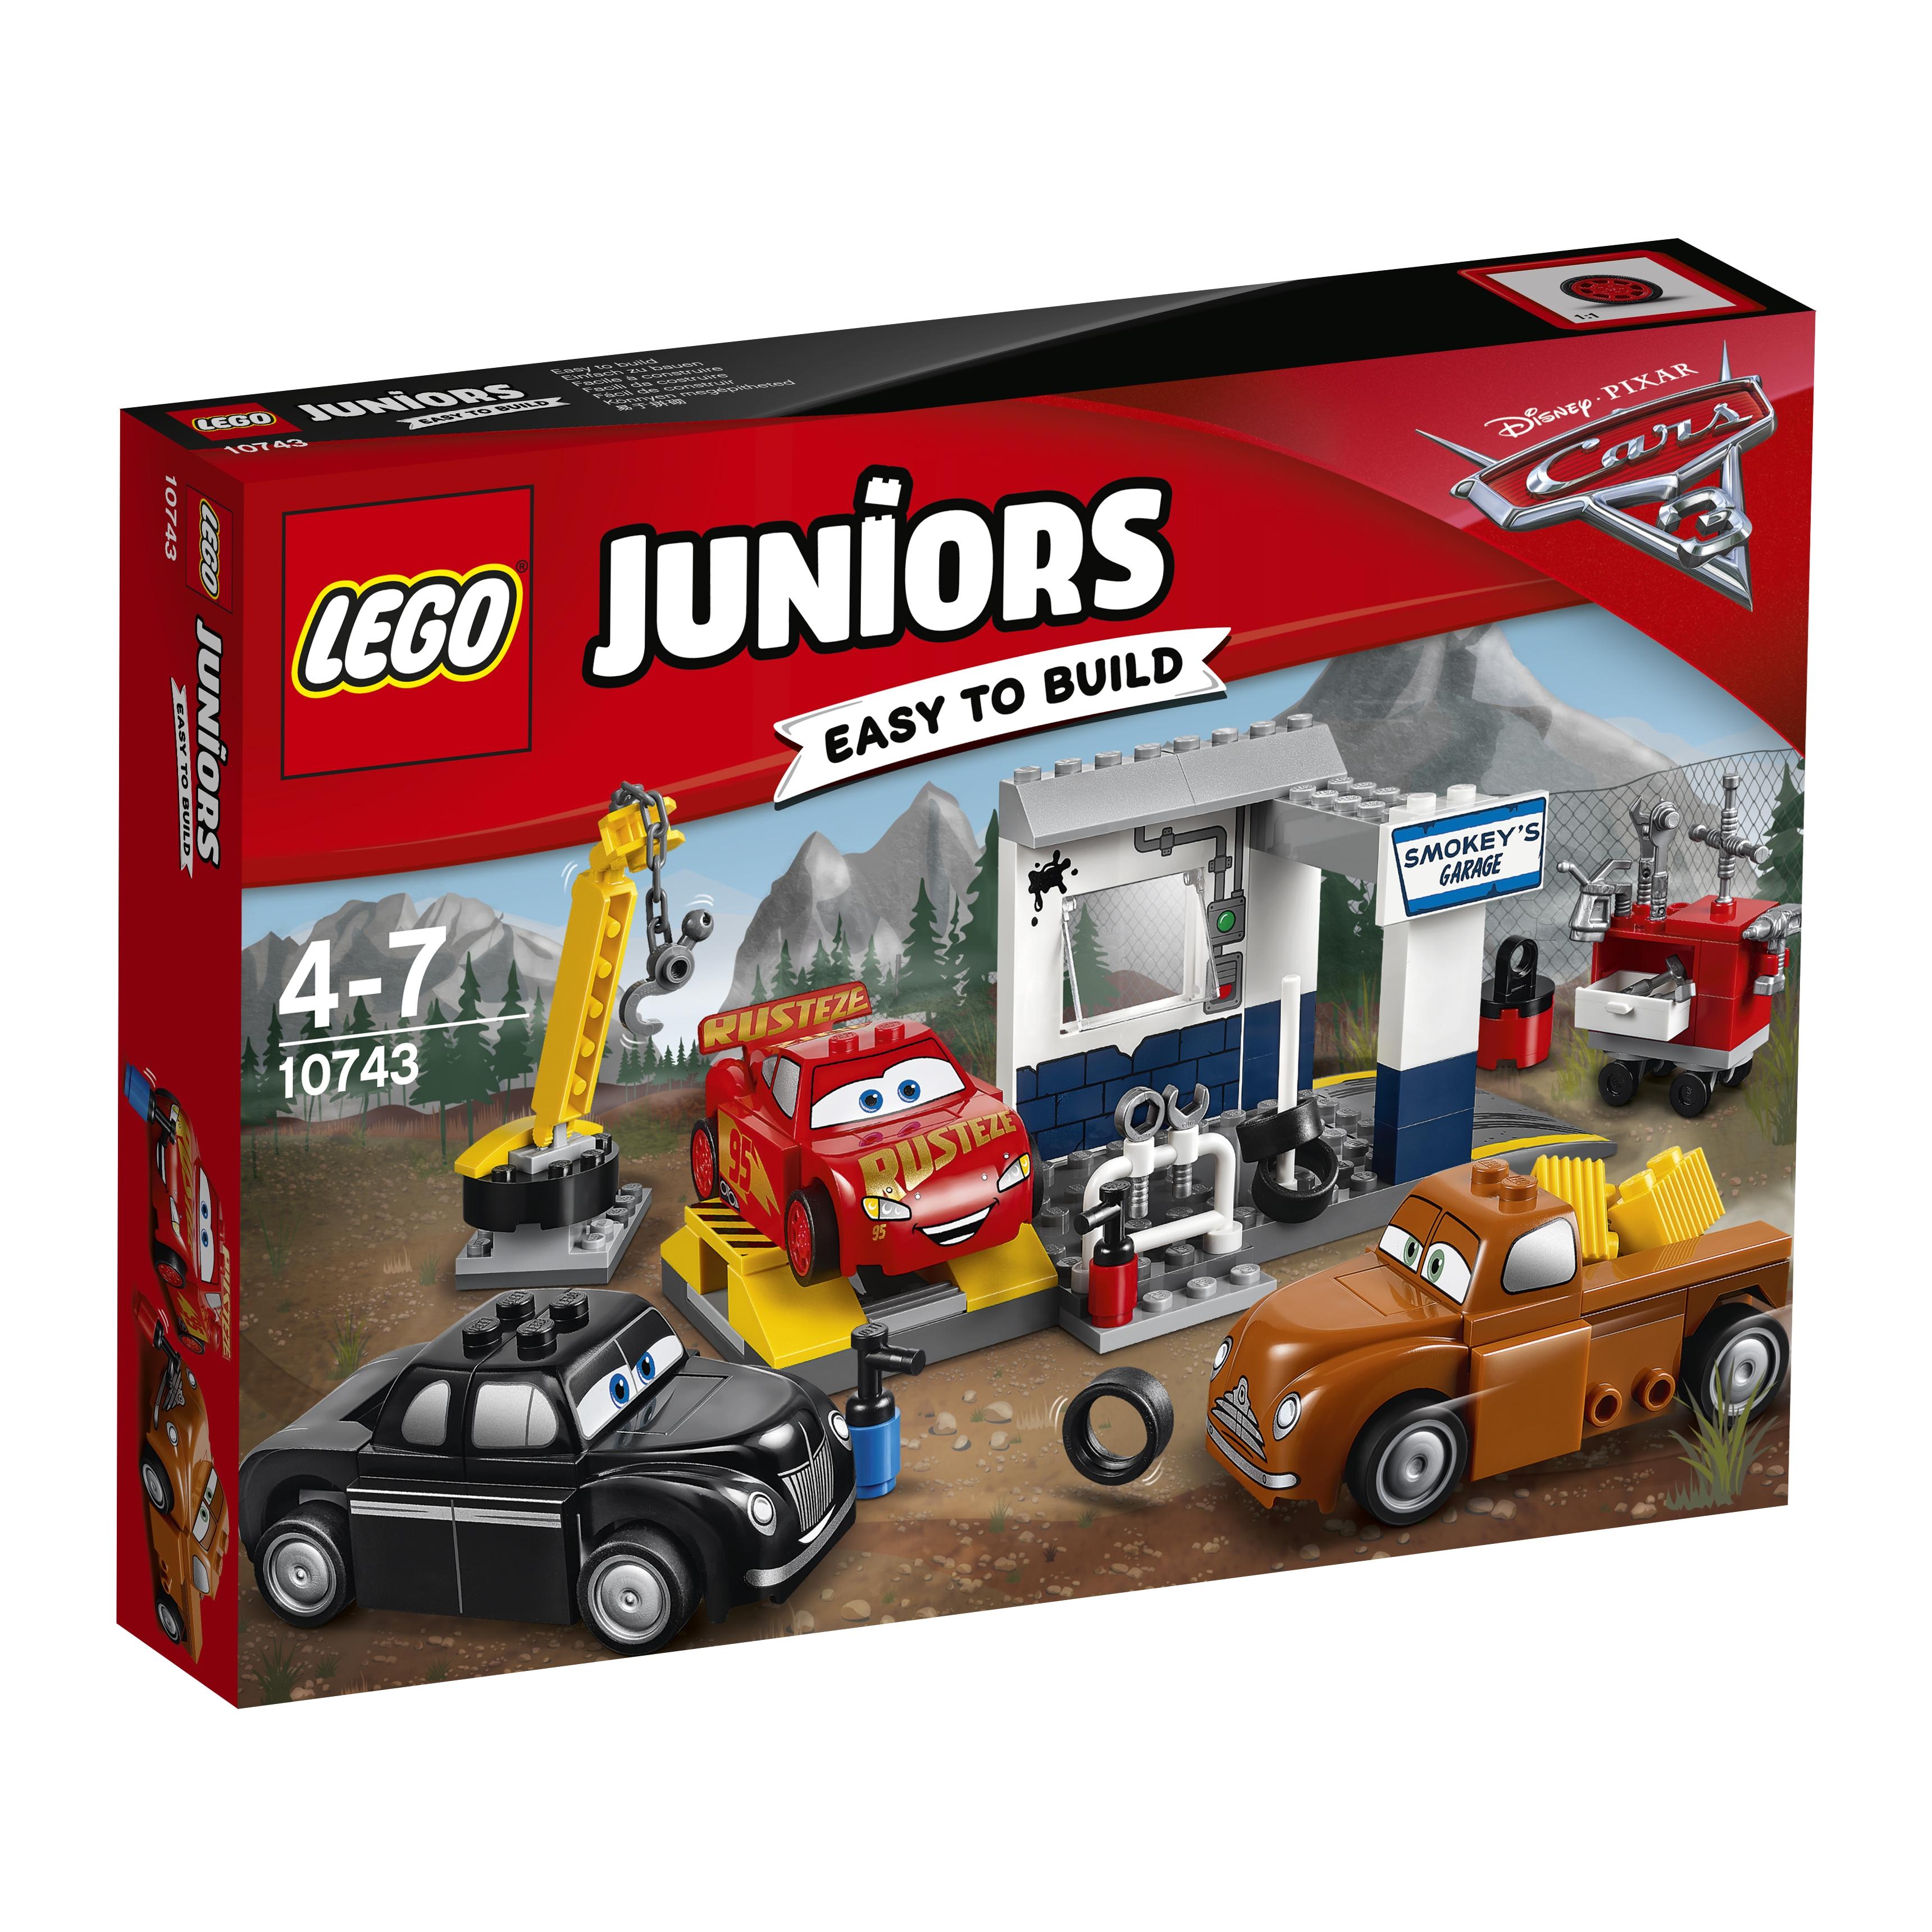 Конструктор LEGO Гараж Смоуки